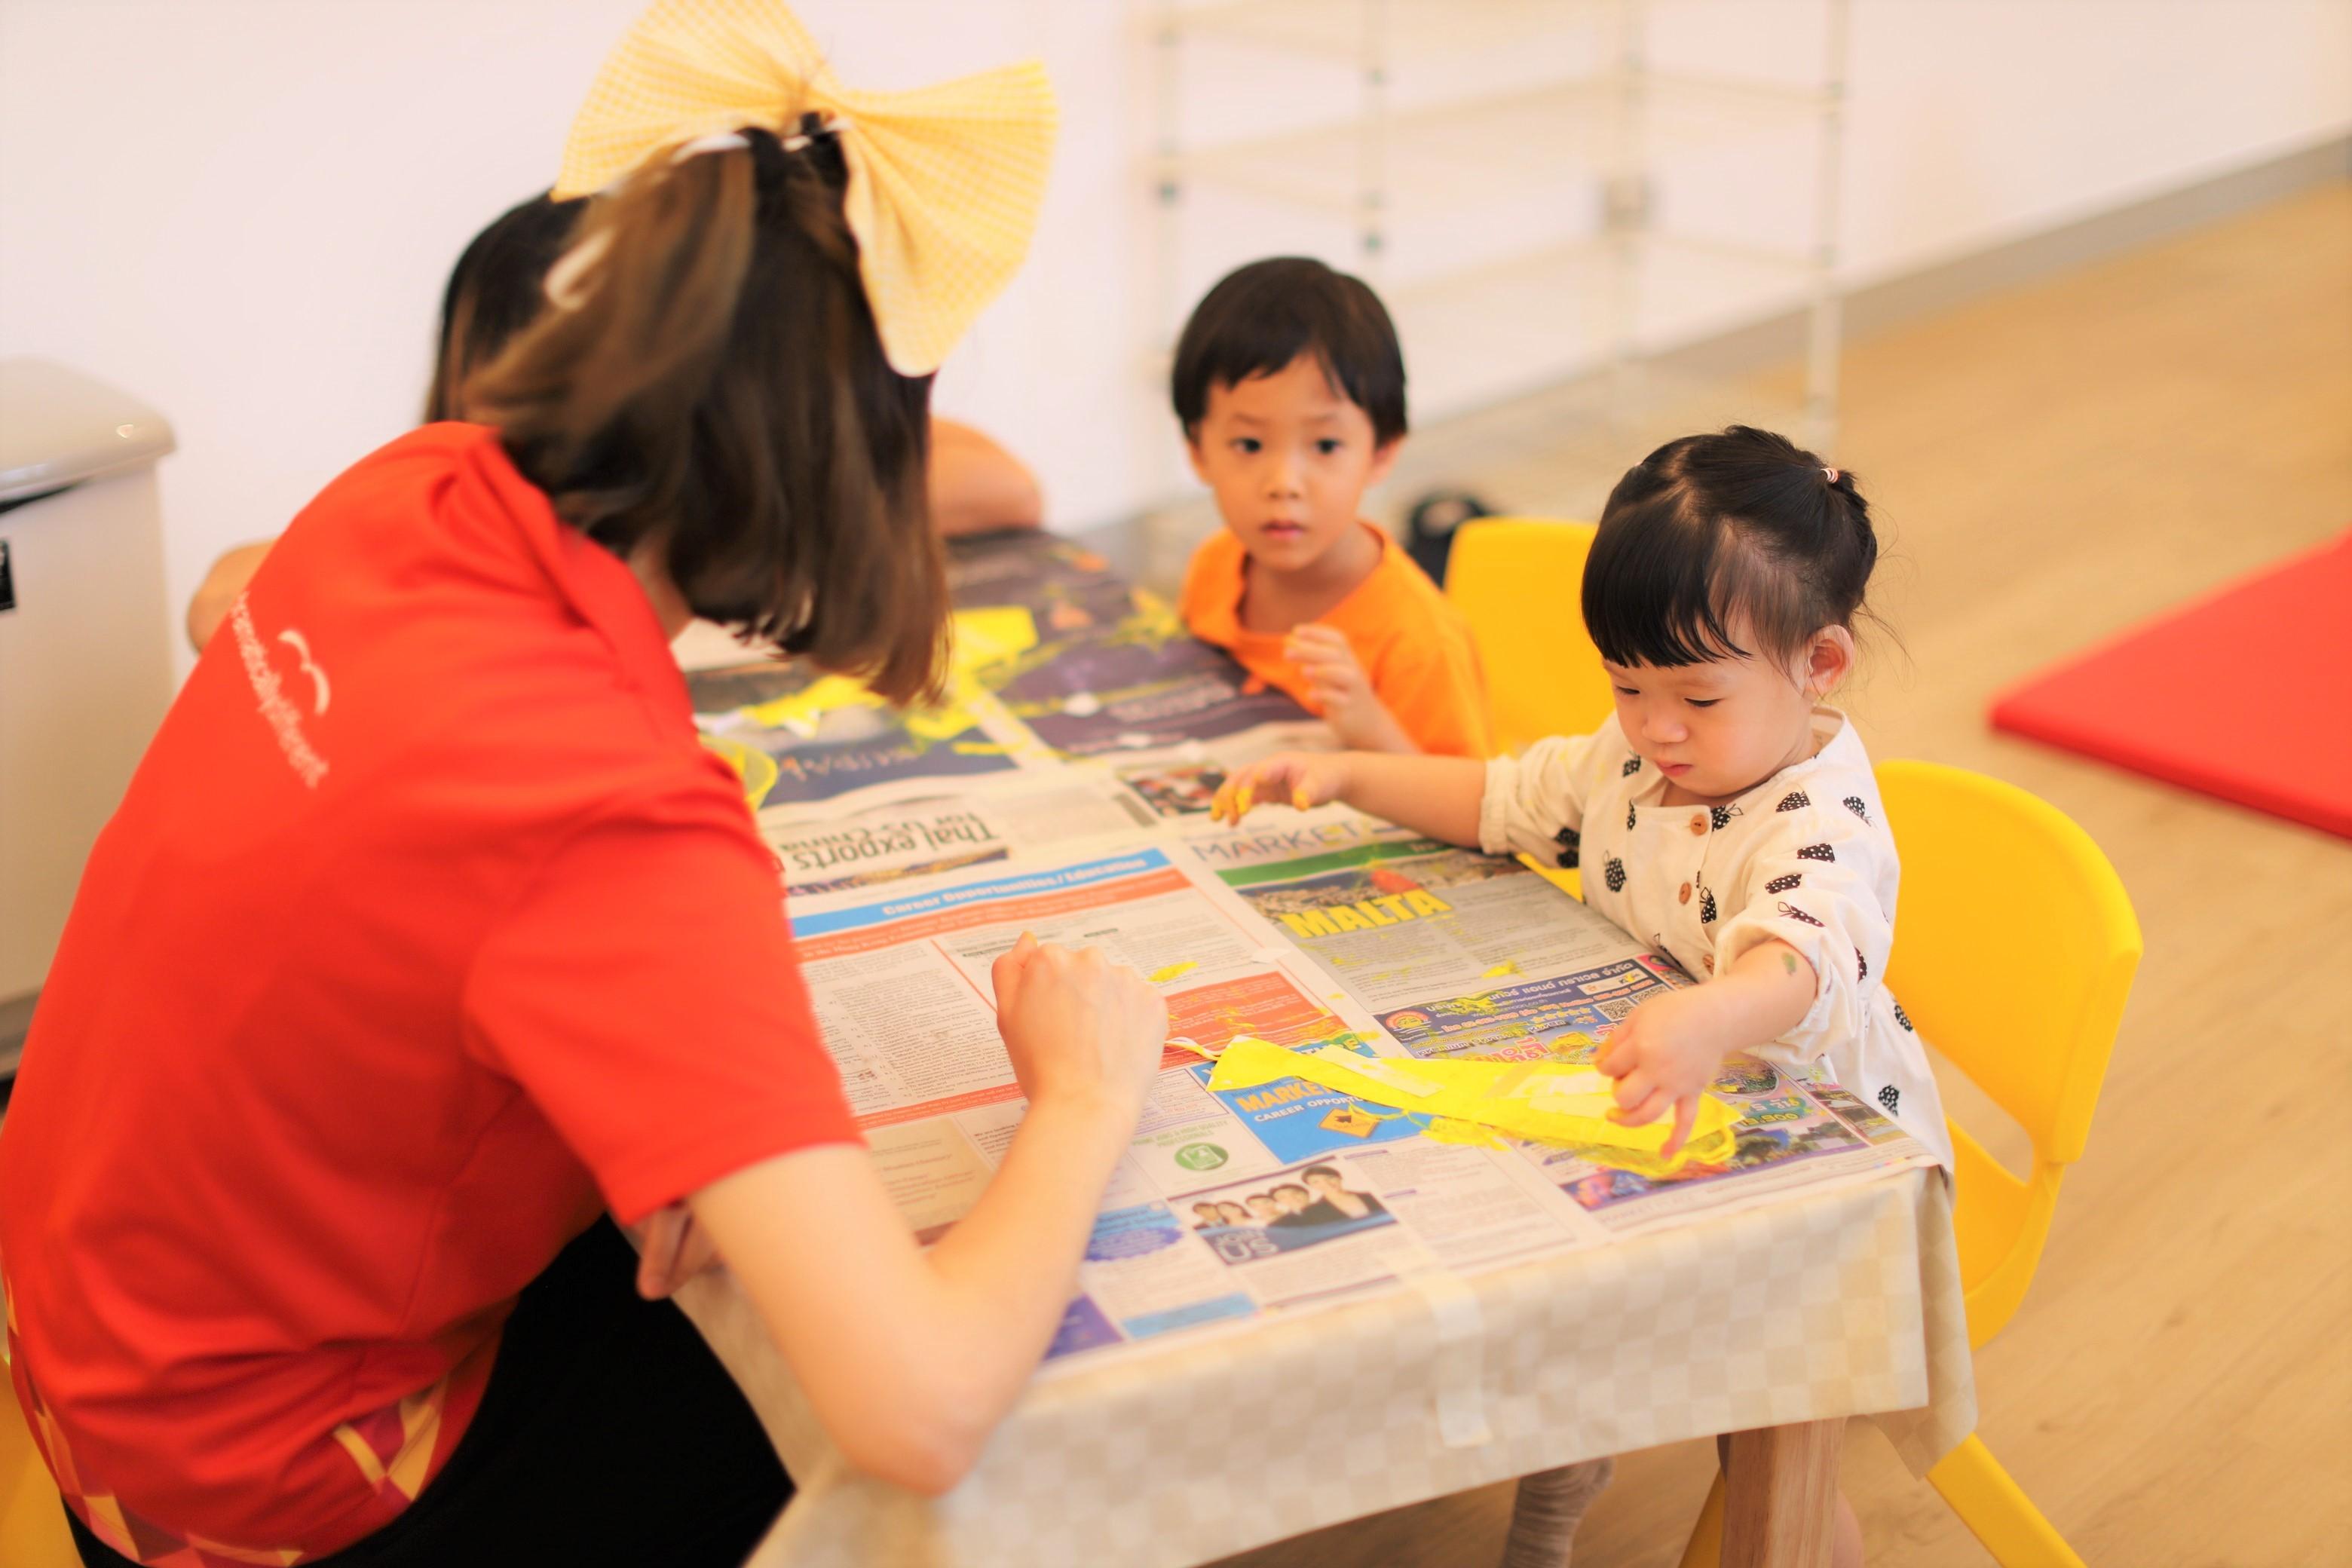 Julia Gabriel Centreは、シンガポールにおいて確かな実績と信頼がある、子どもの発達をより良くするための学校です。